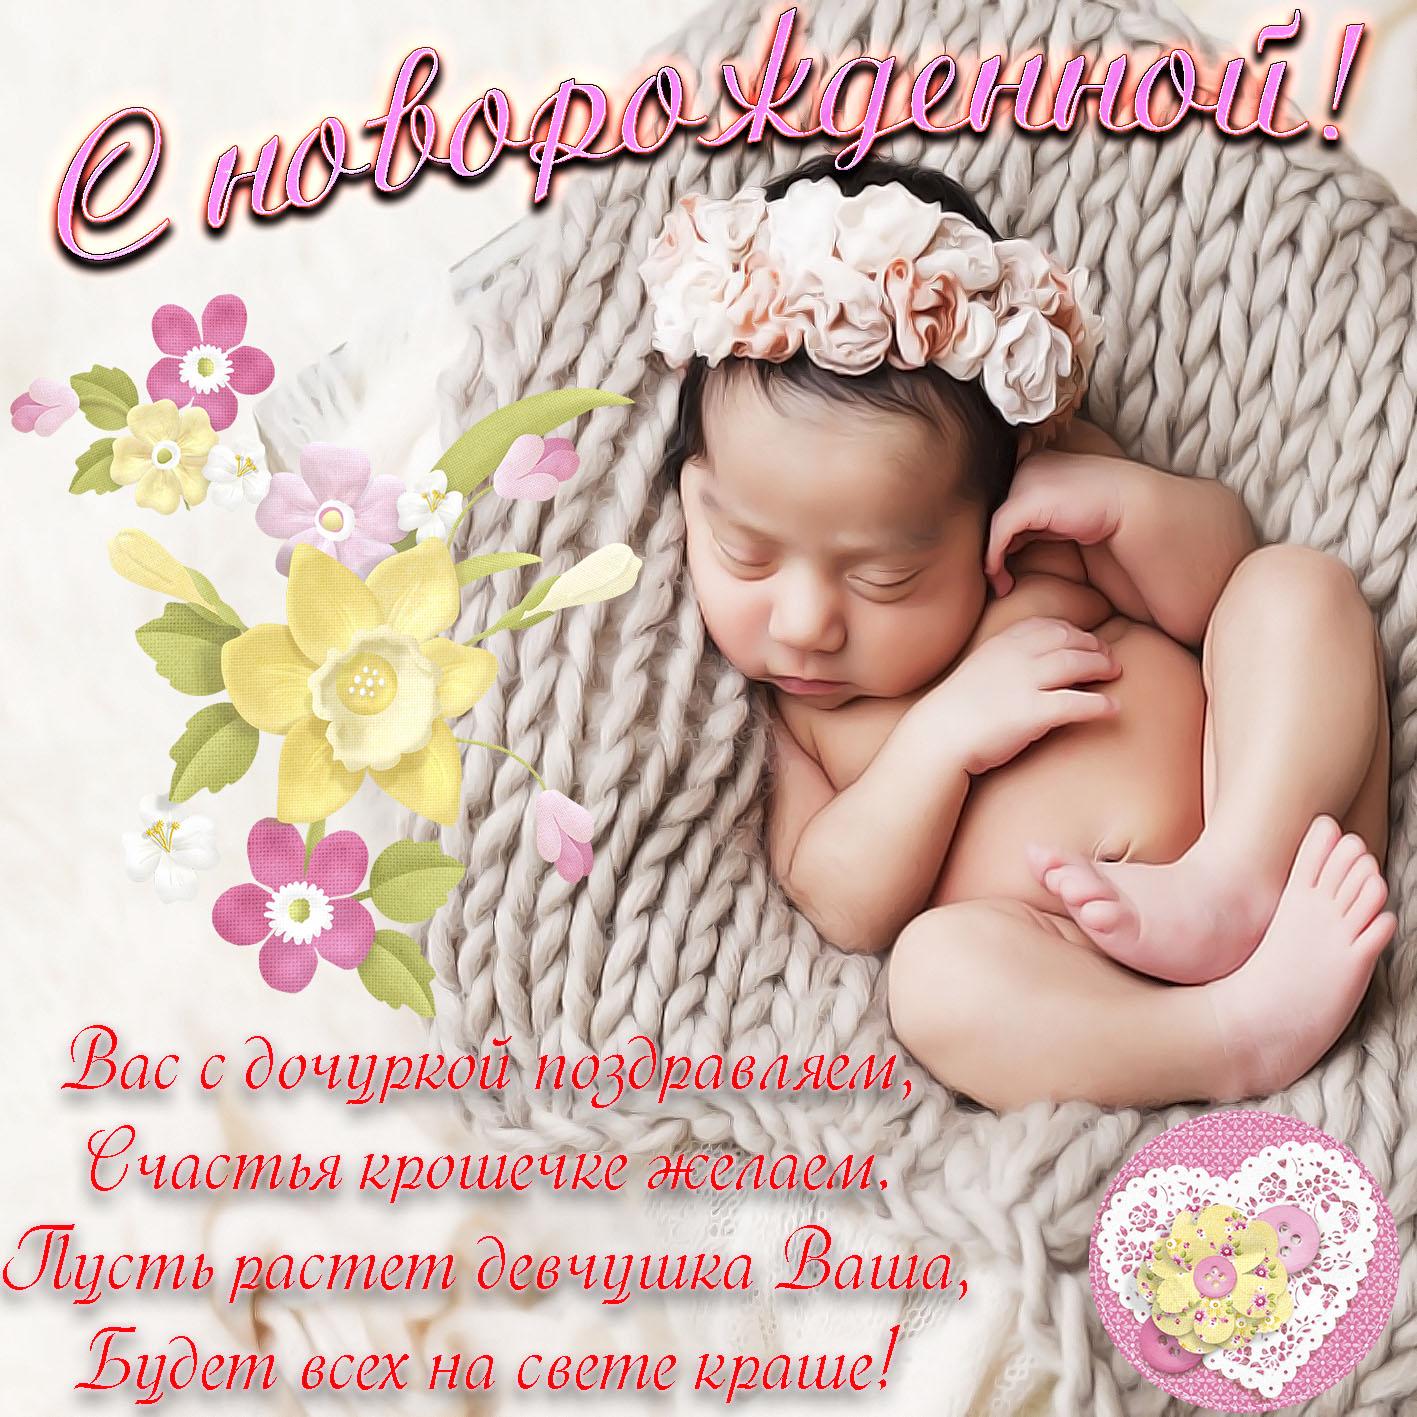 Надписью, открытки с поздравлением с новорожденным дочкой